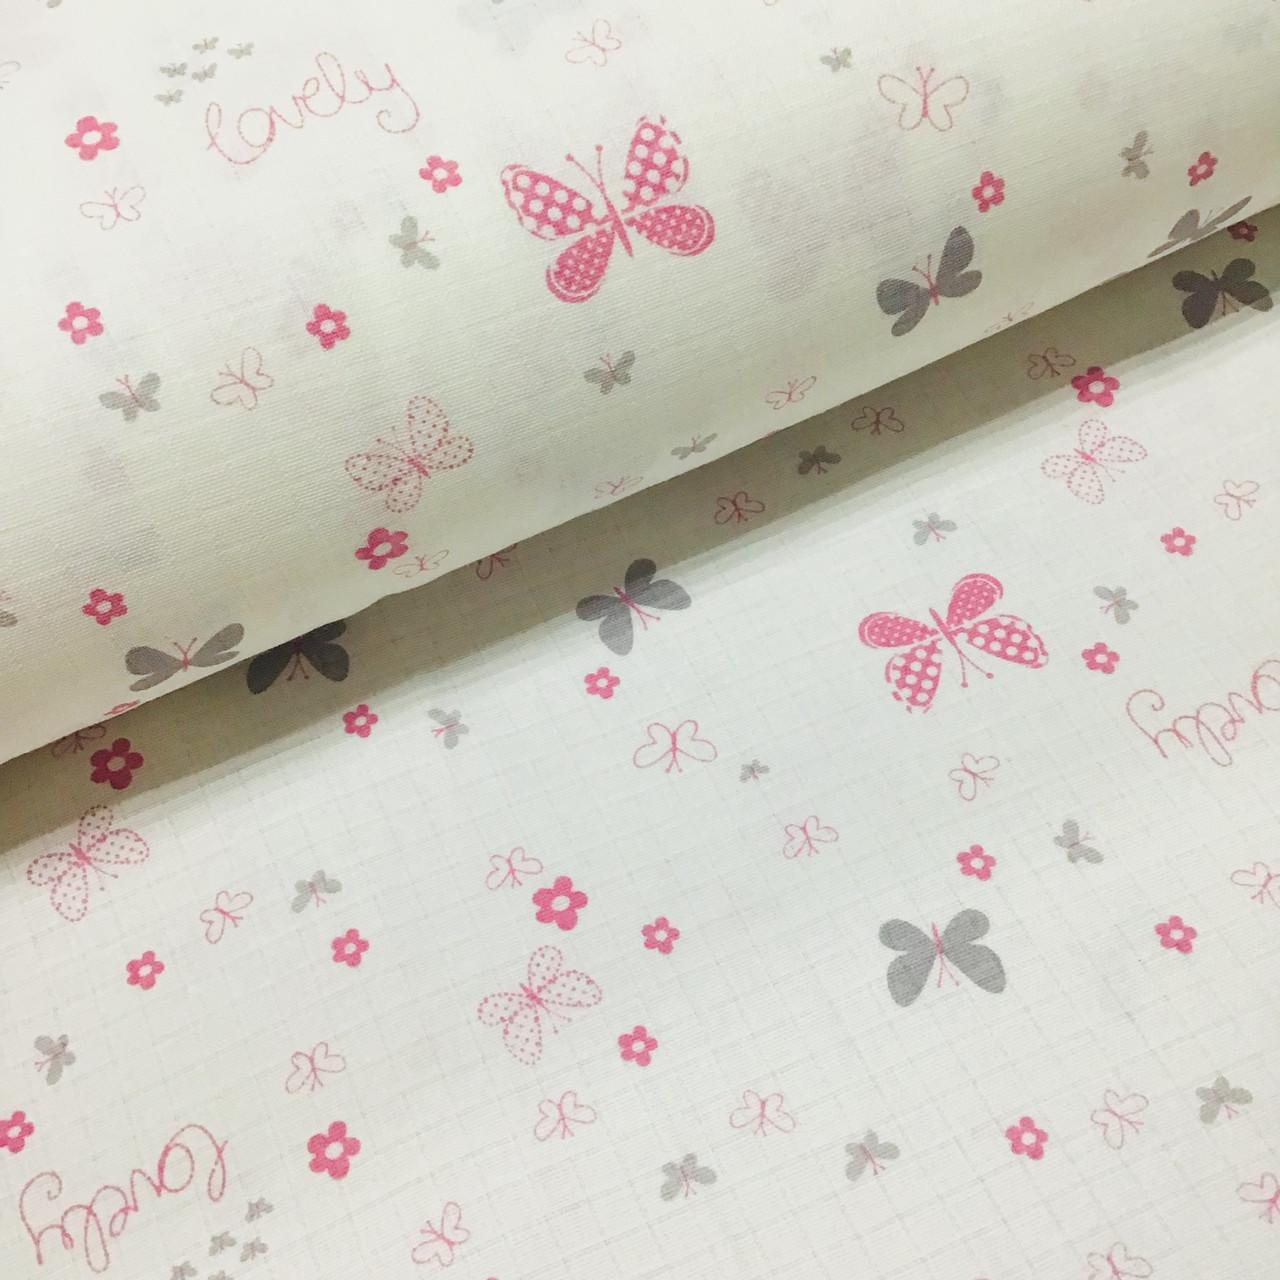 Ткань муслин Двухслойная серо-розовые бабочки с цветами на белом (шир. 1,6 м) ОТРЕЗ(0,95*1,6м)